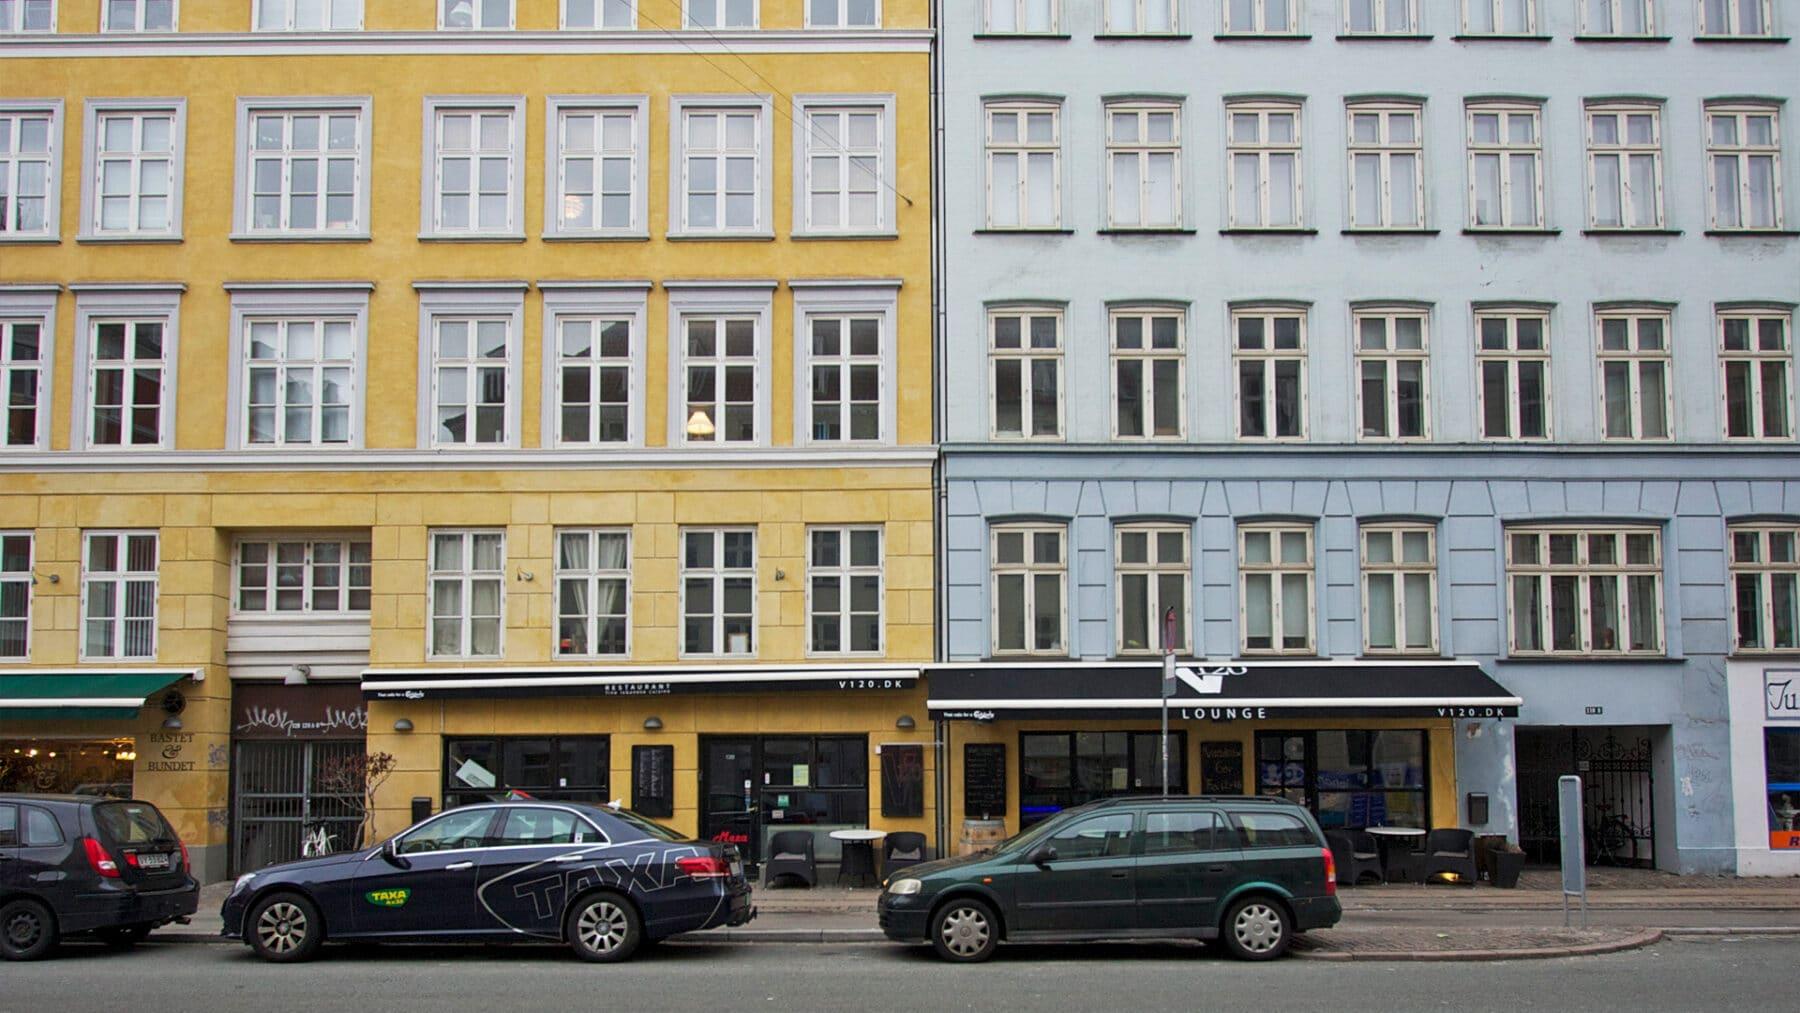 Foto af boligforening med caféer i stueetagen